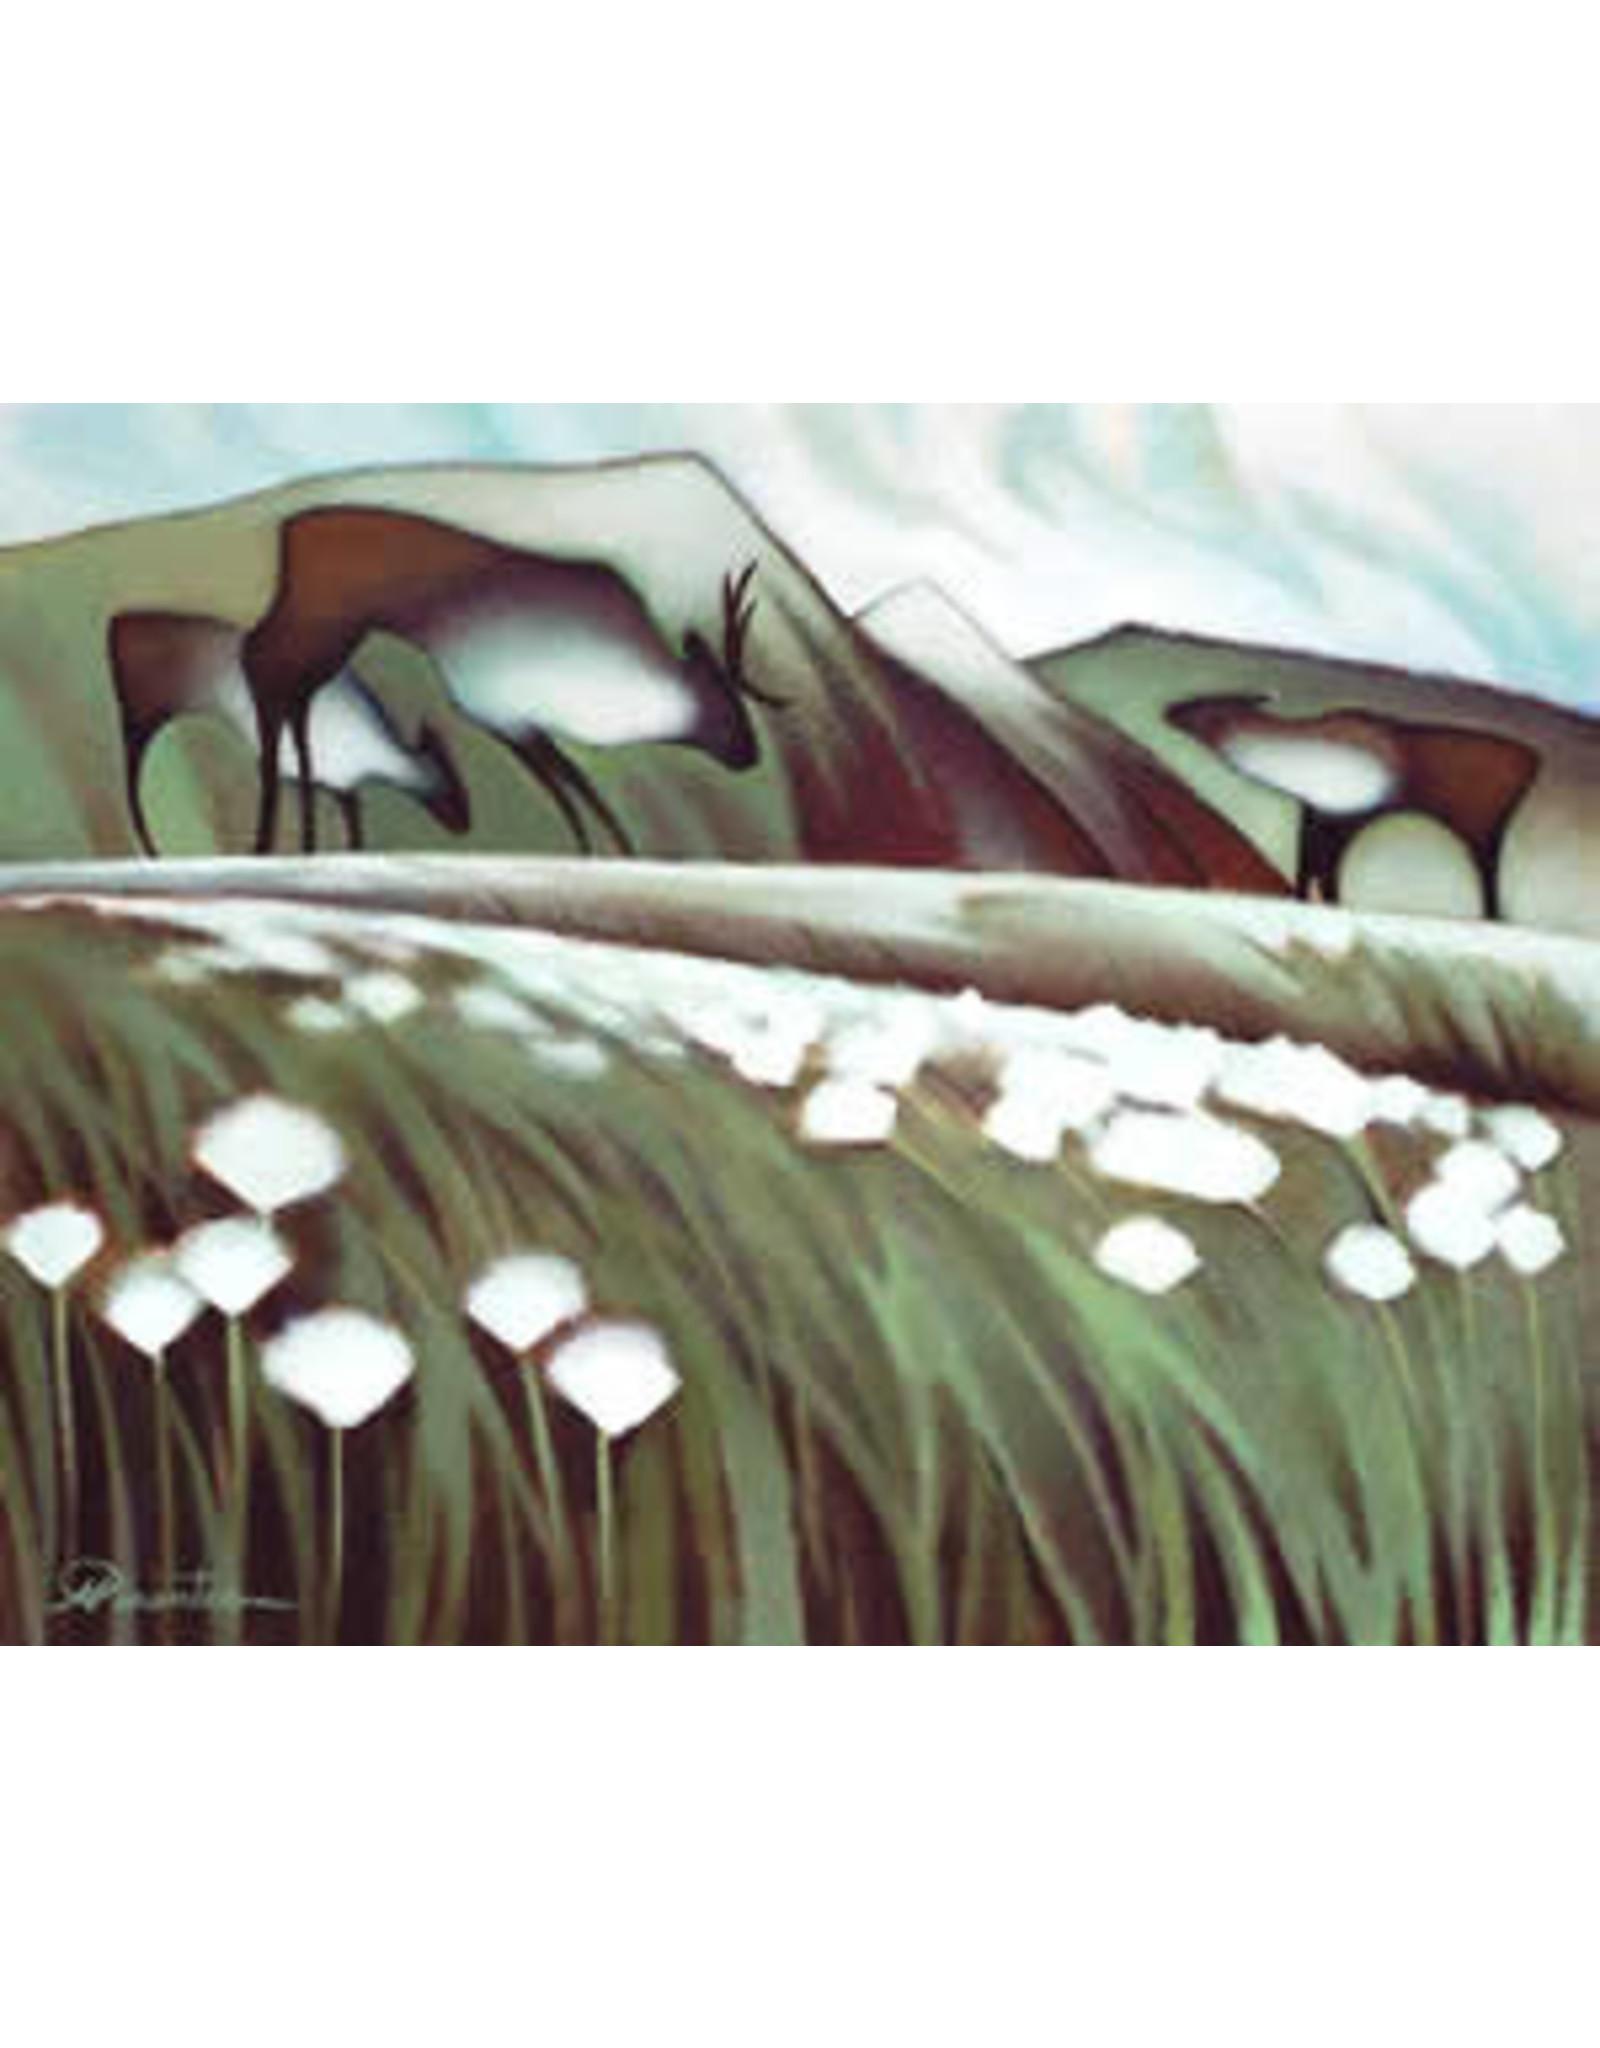 Nathalie Parenteau Arctic Cotton (art card) | Nathalie Parenteau